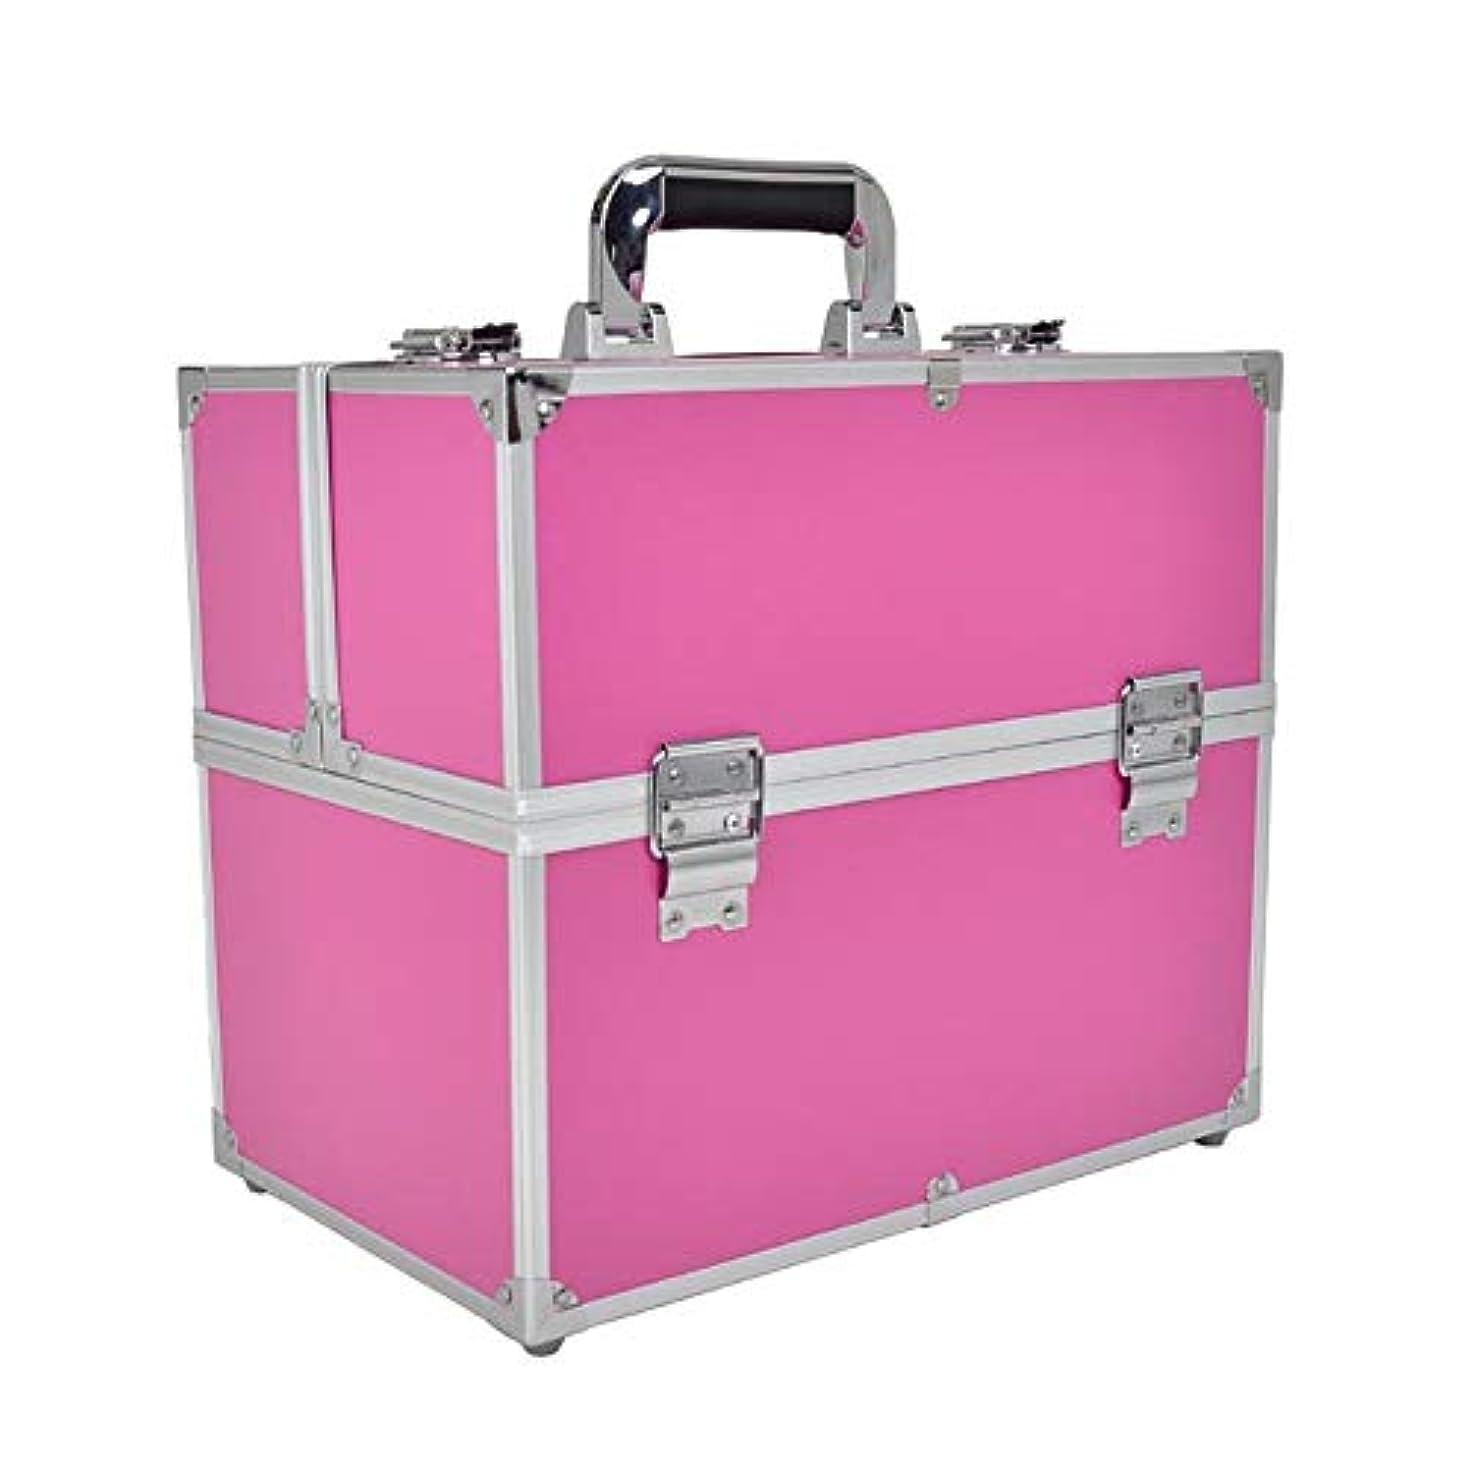 分布見落とす挨拶する化粧オーガナイザーバッグ 6トレイの小さなものの種類のための旅行のための美容メイクアップのための大容量大容量化粧品ケース 化粧品ケース